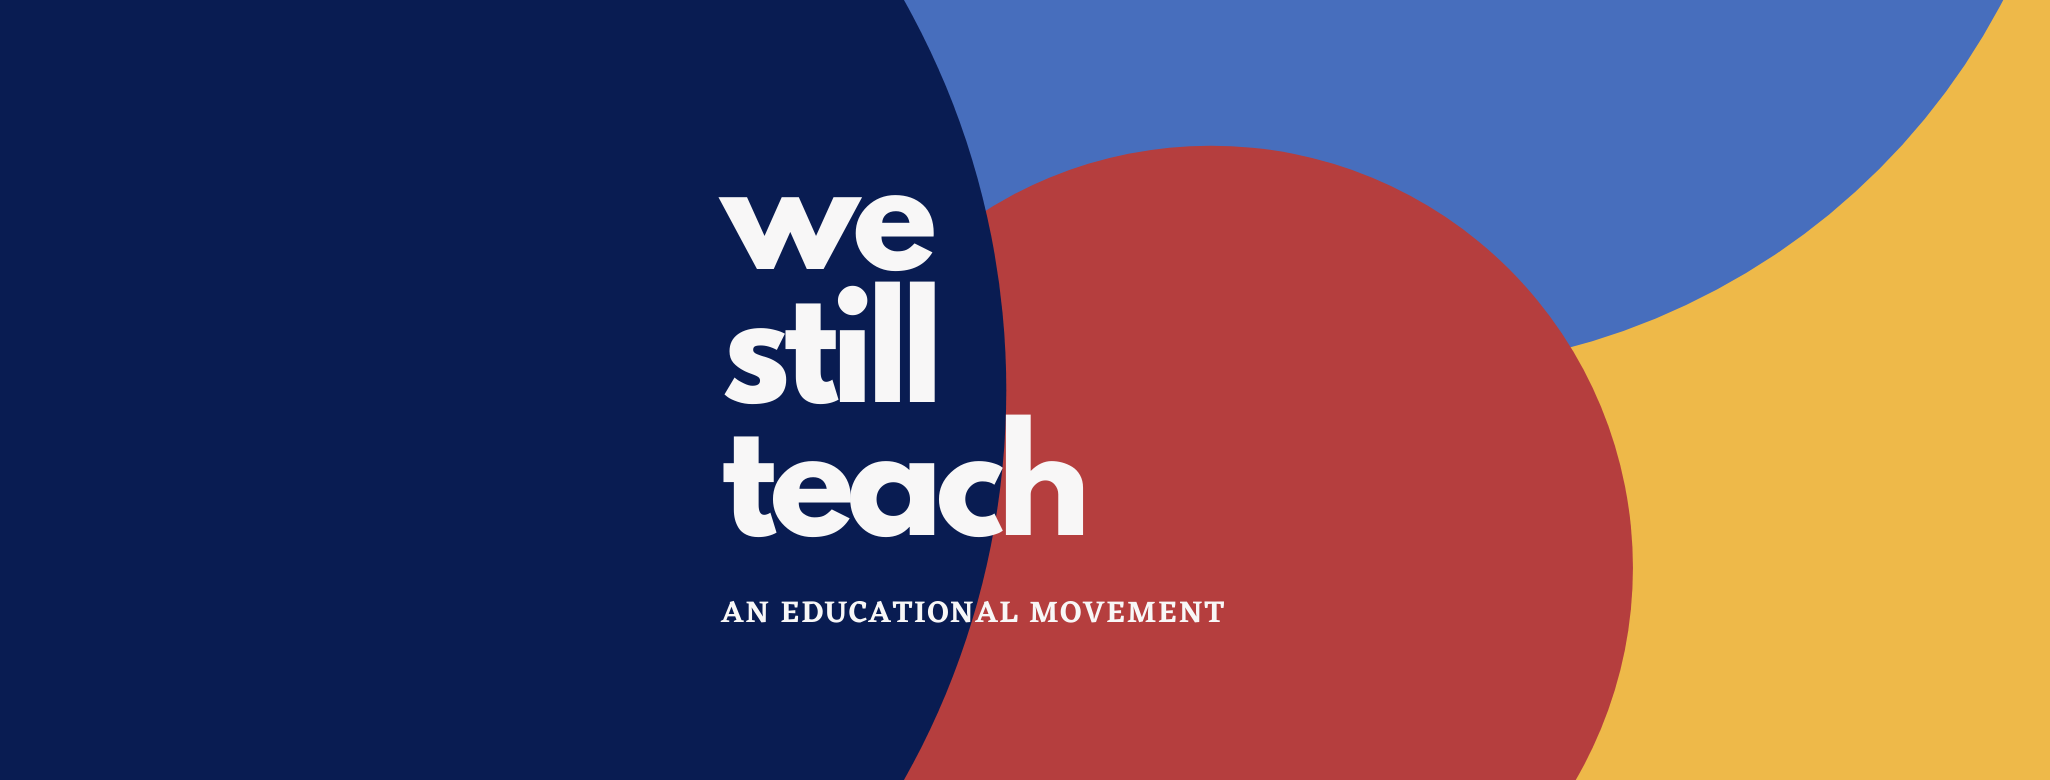 #WeStillTeach TV - Chicago Teachers Union